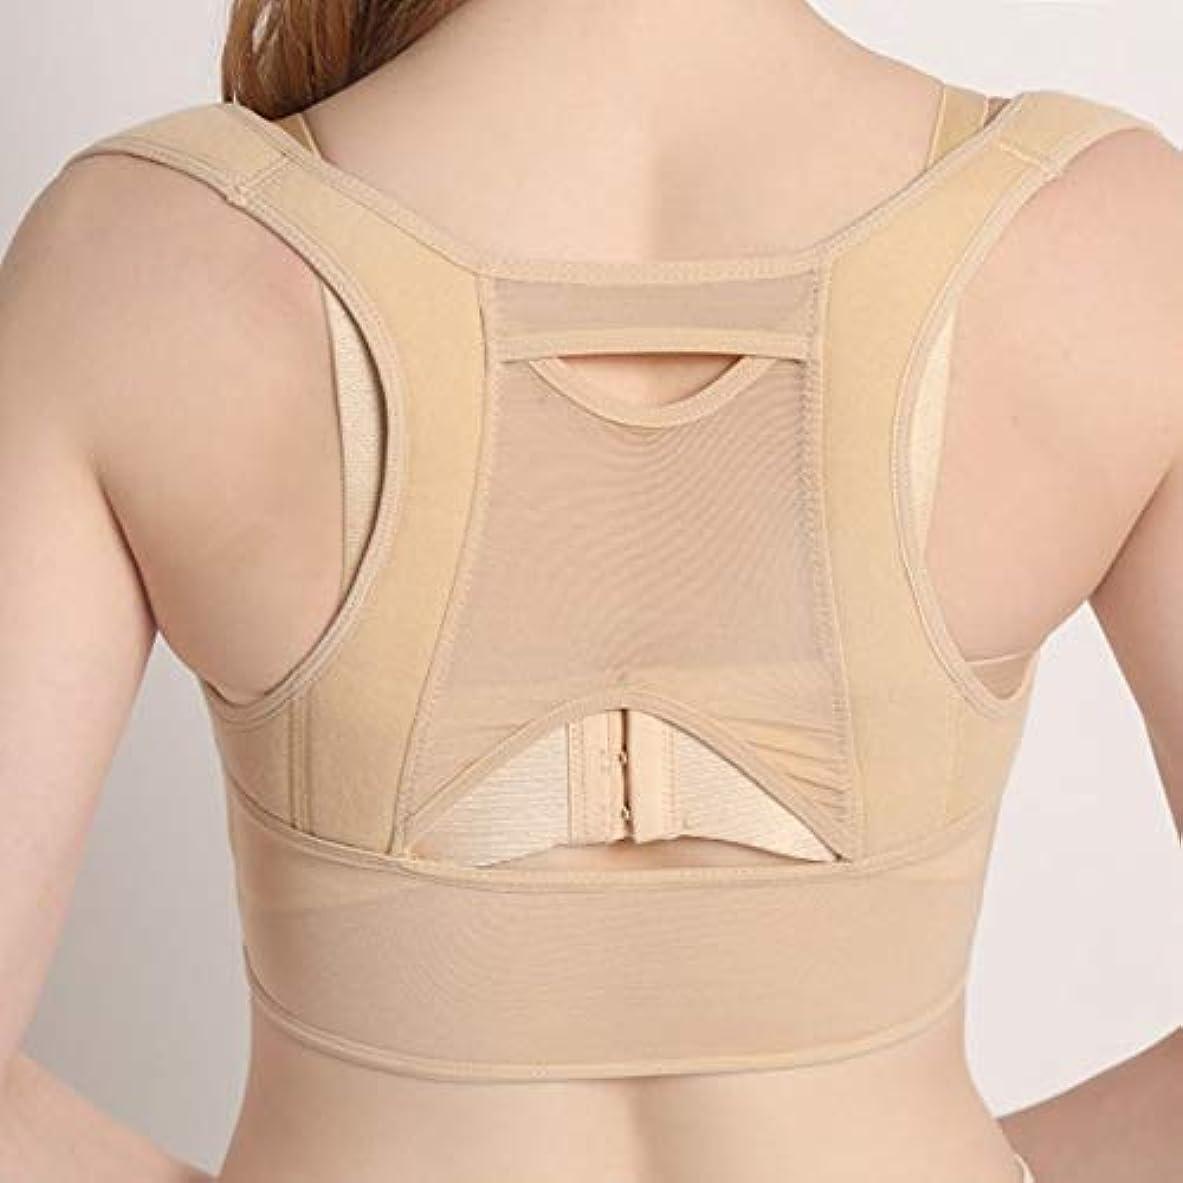 剥離痛みブランド名通気性のある女性の背中の姿勢矯正コルセット整形外科の肩の背骨の背骨の姿勢矯正腰椎サポート